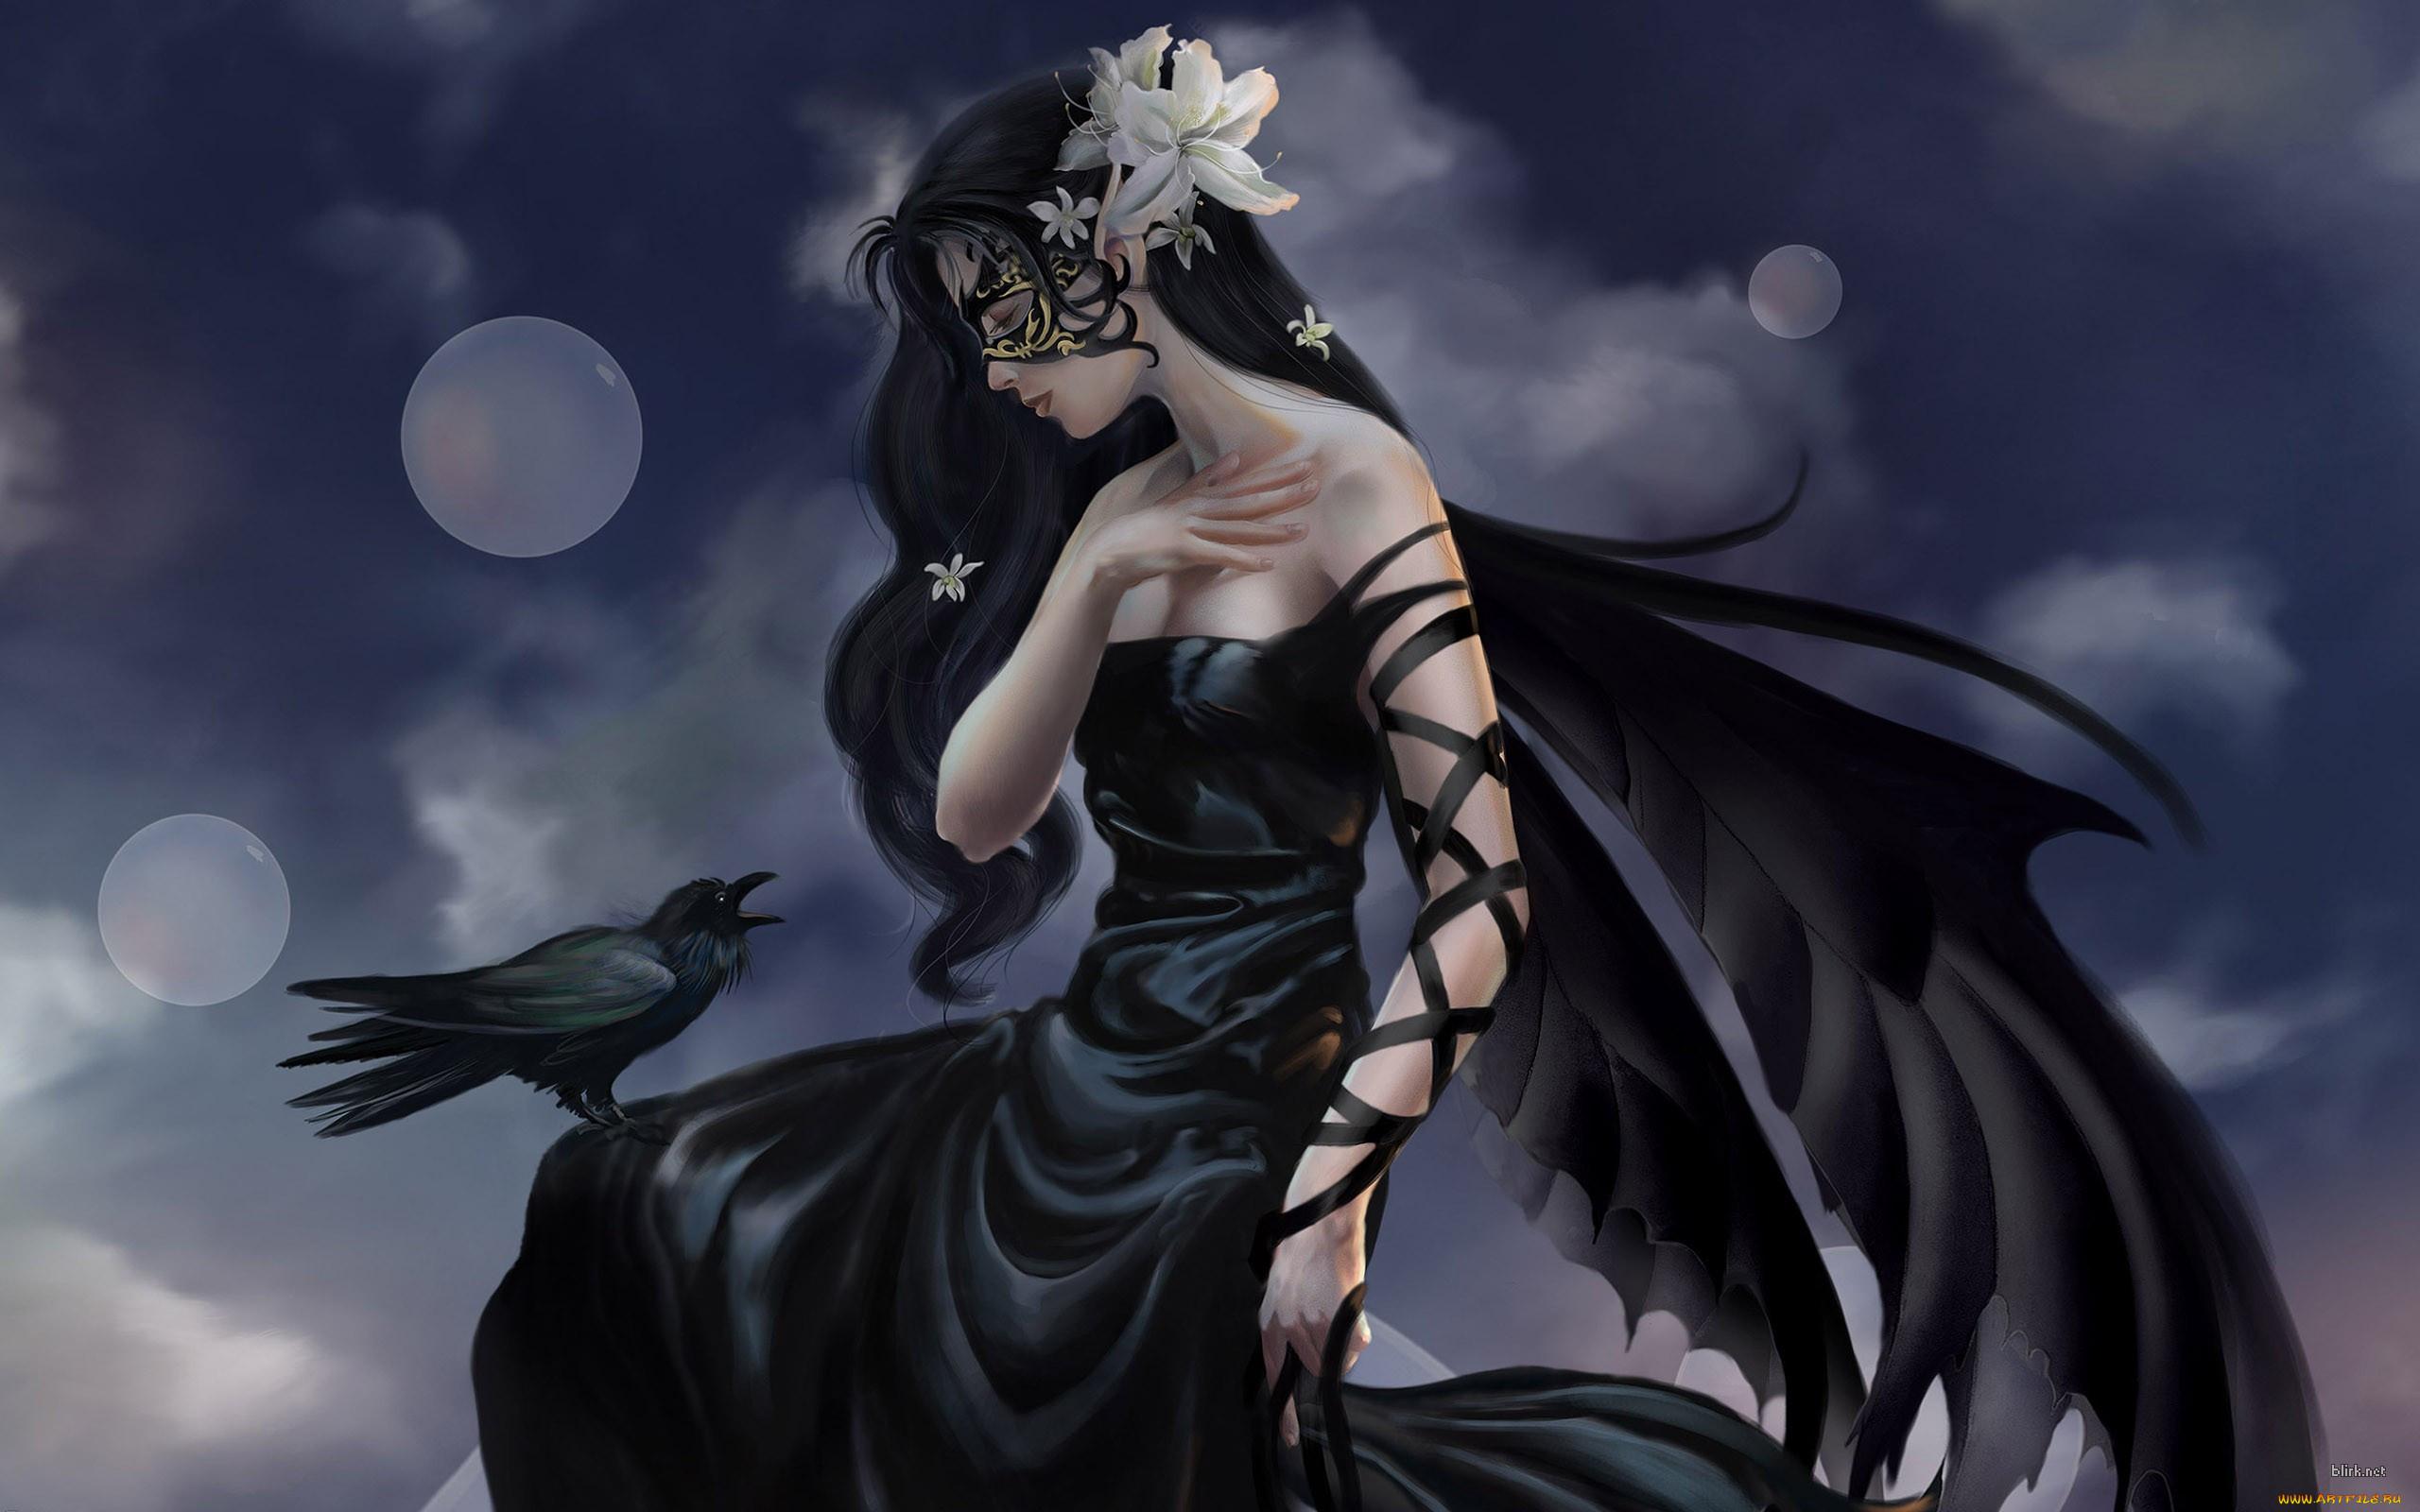 ангел с масками картинка может немного понравиться